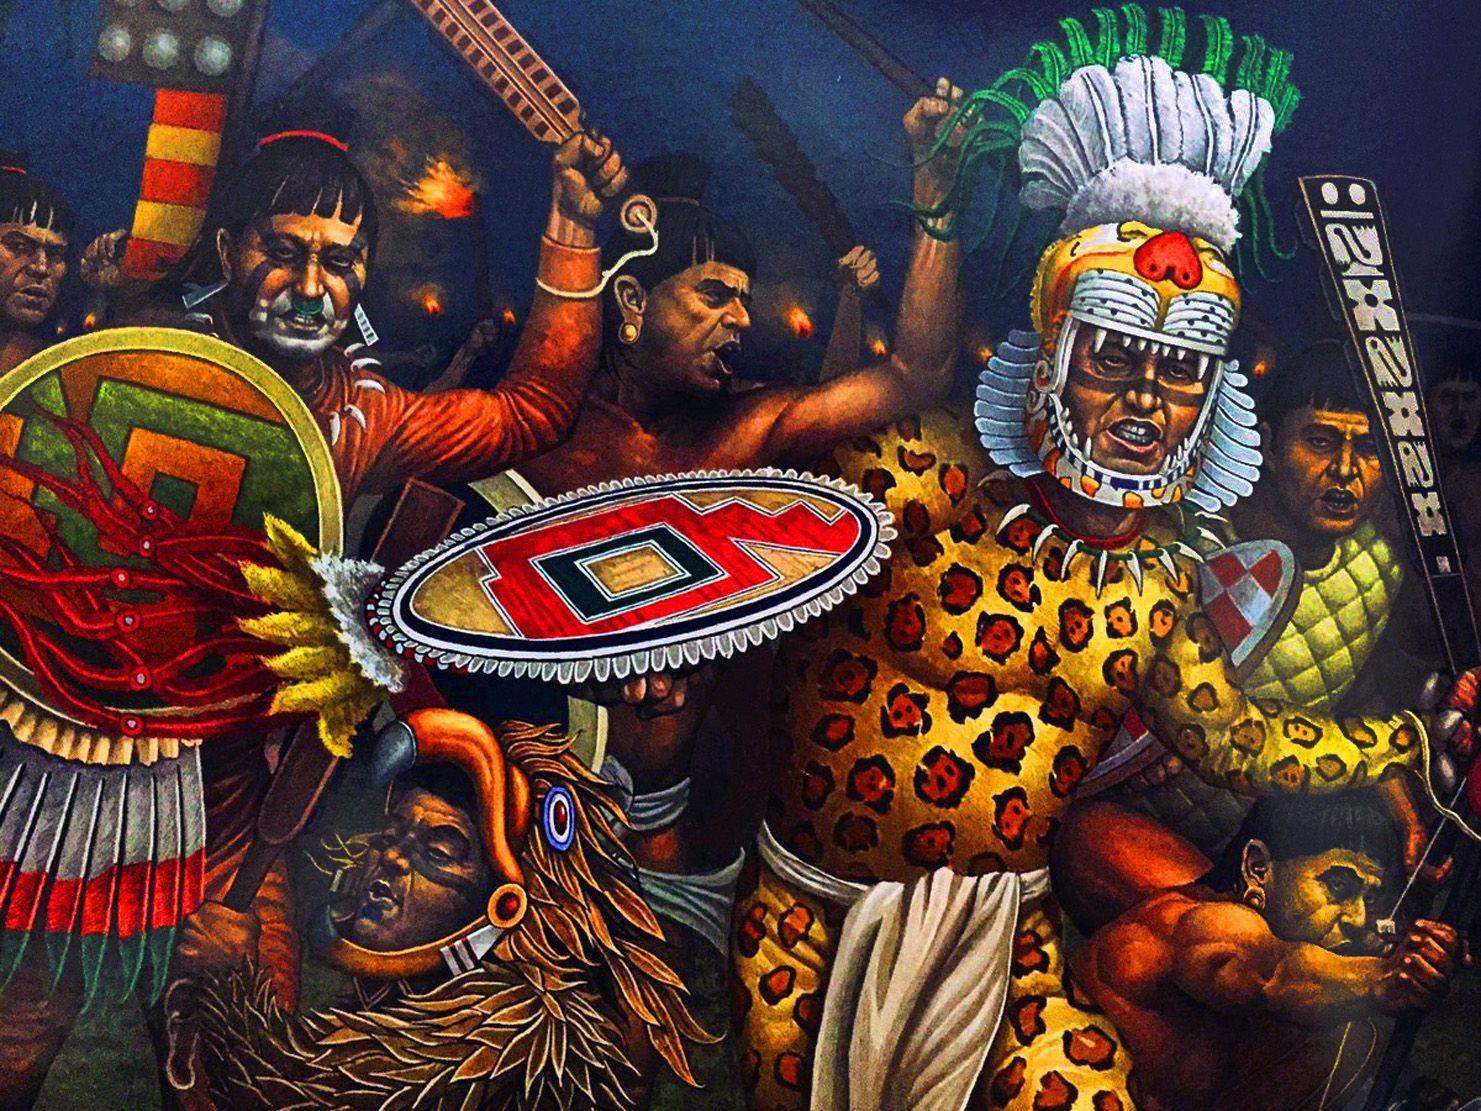 El mito de los guerreros aztecas.